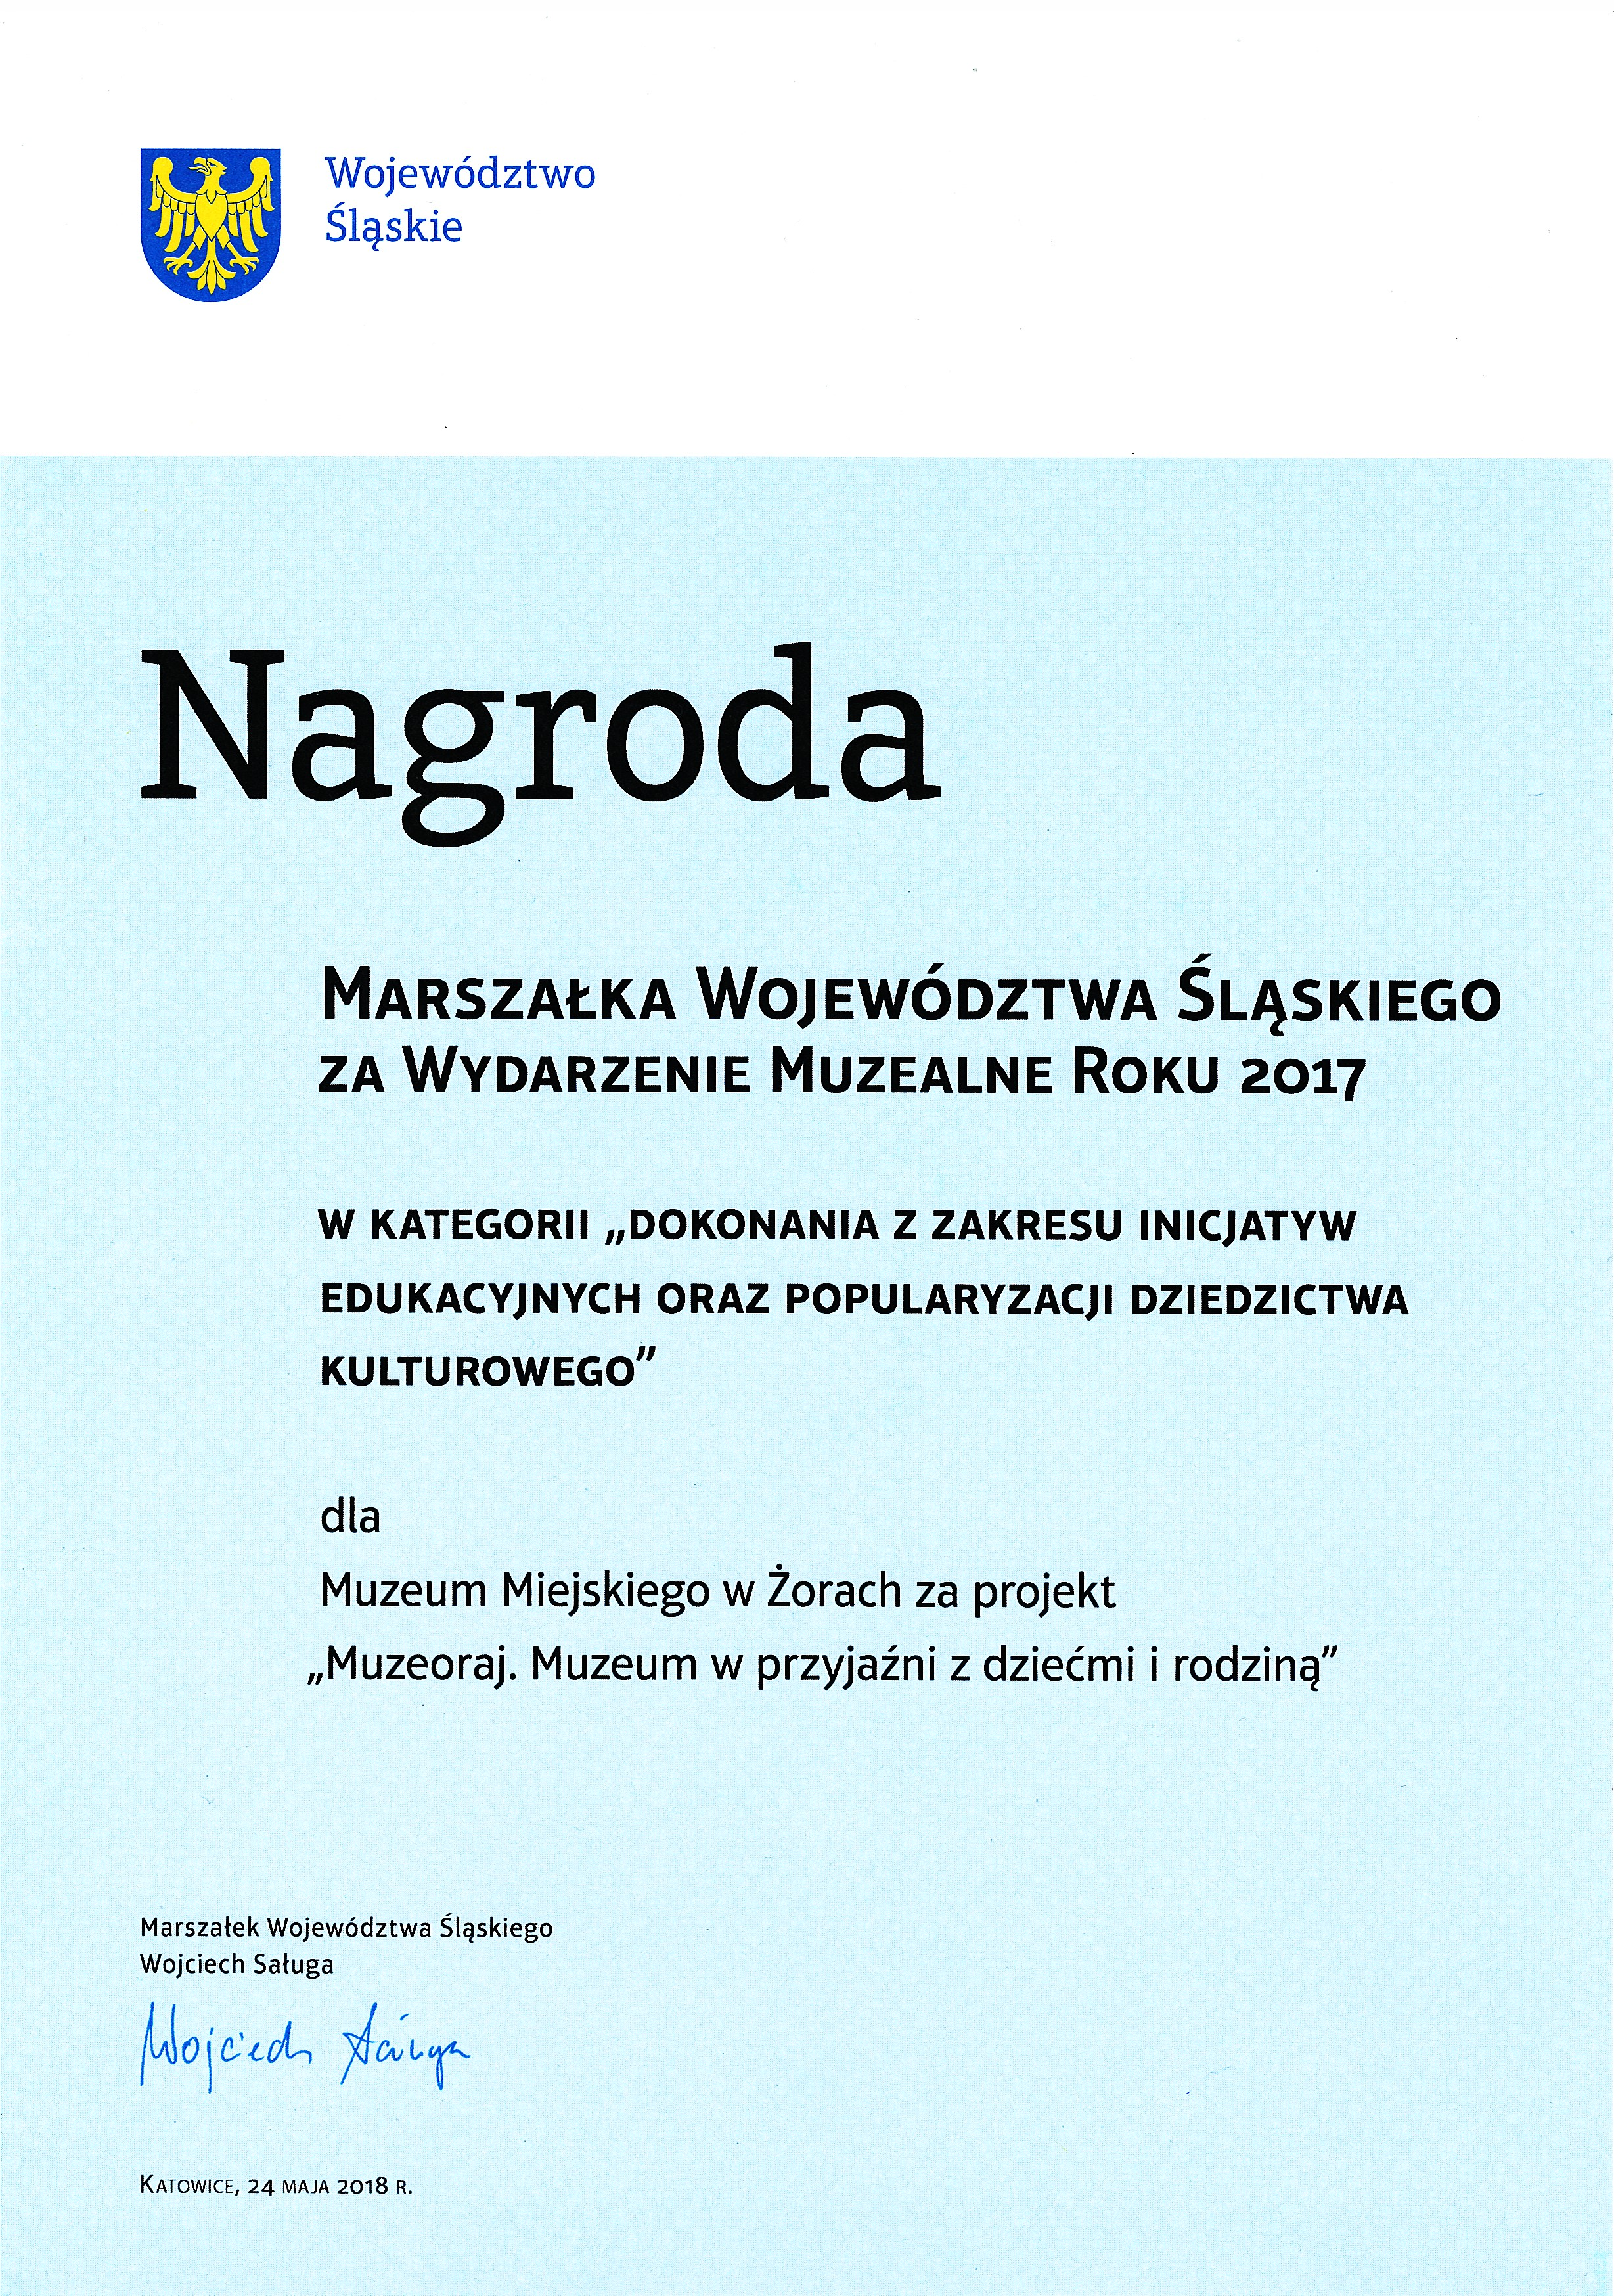 Nagroda-Marszalka-Wojewodztwa-Slaskiego-2018-Muzeoraj 1